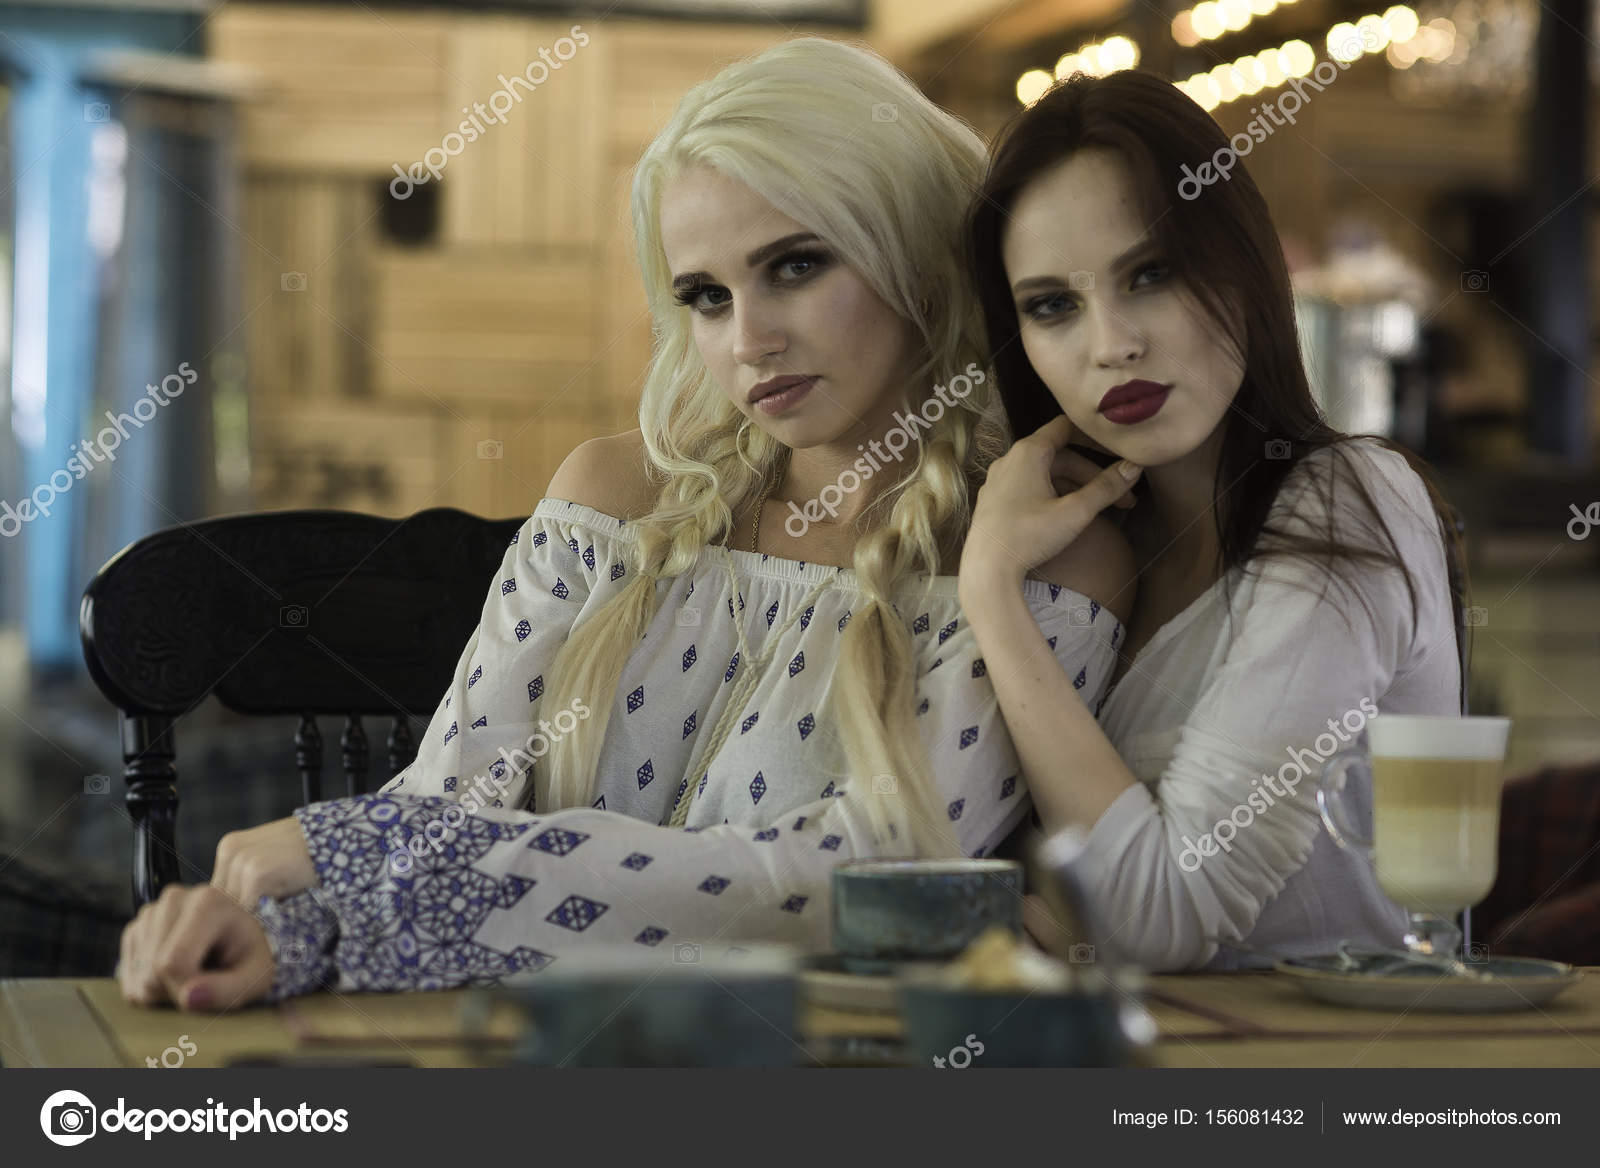 rambler.ru dating site turbosmart wastegate hookup